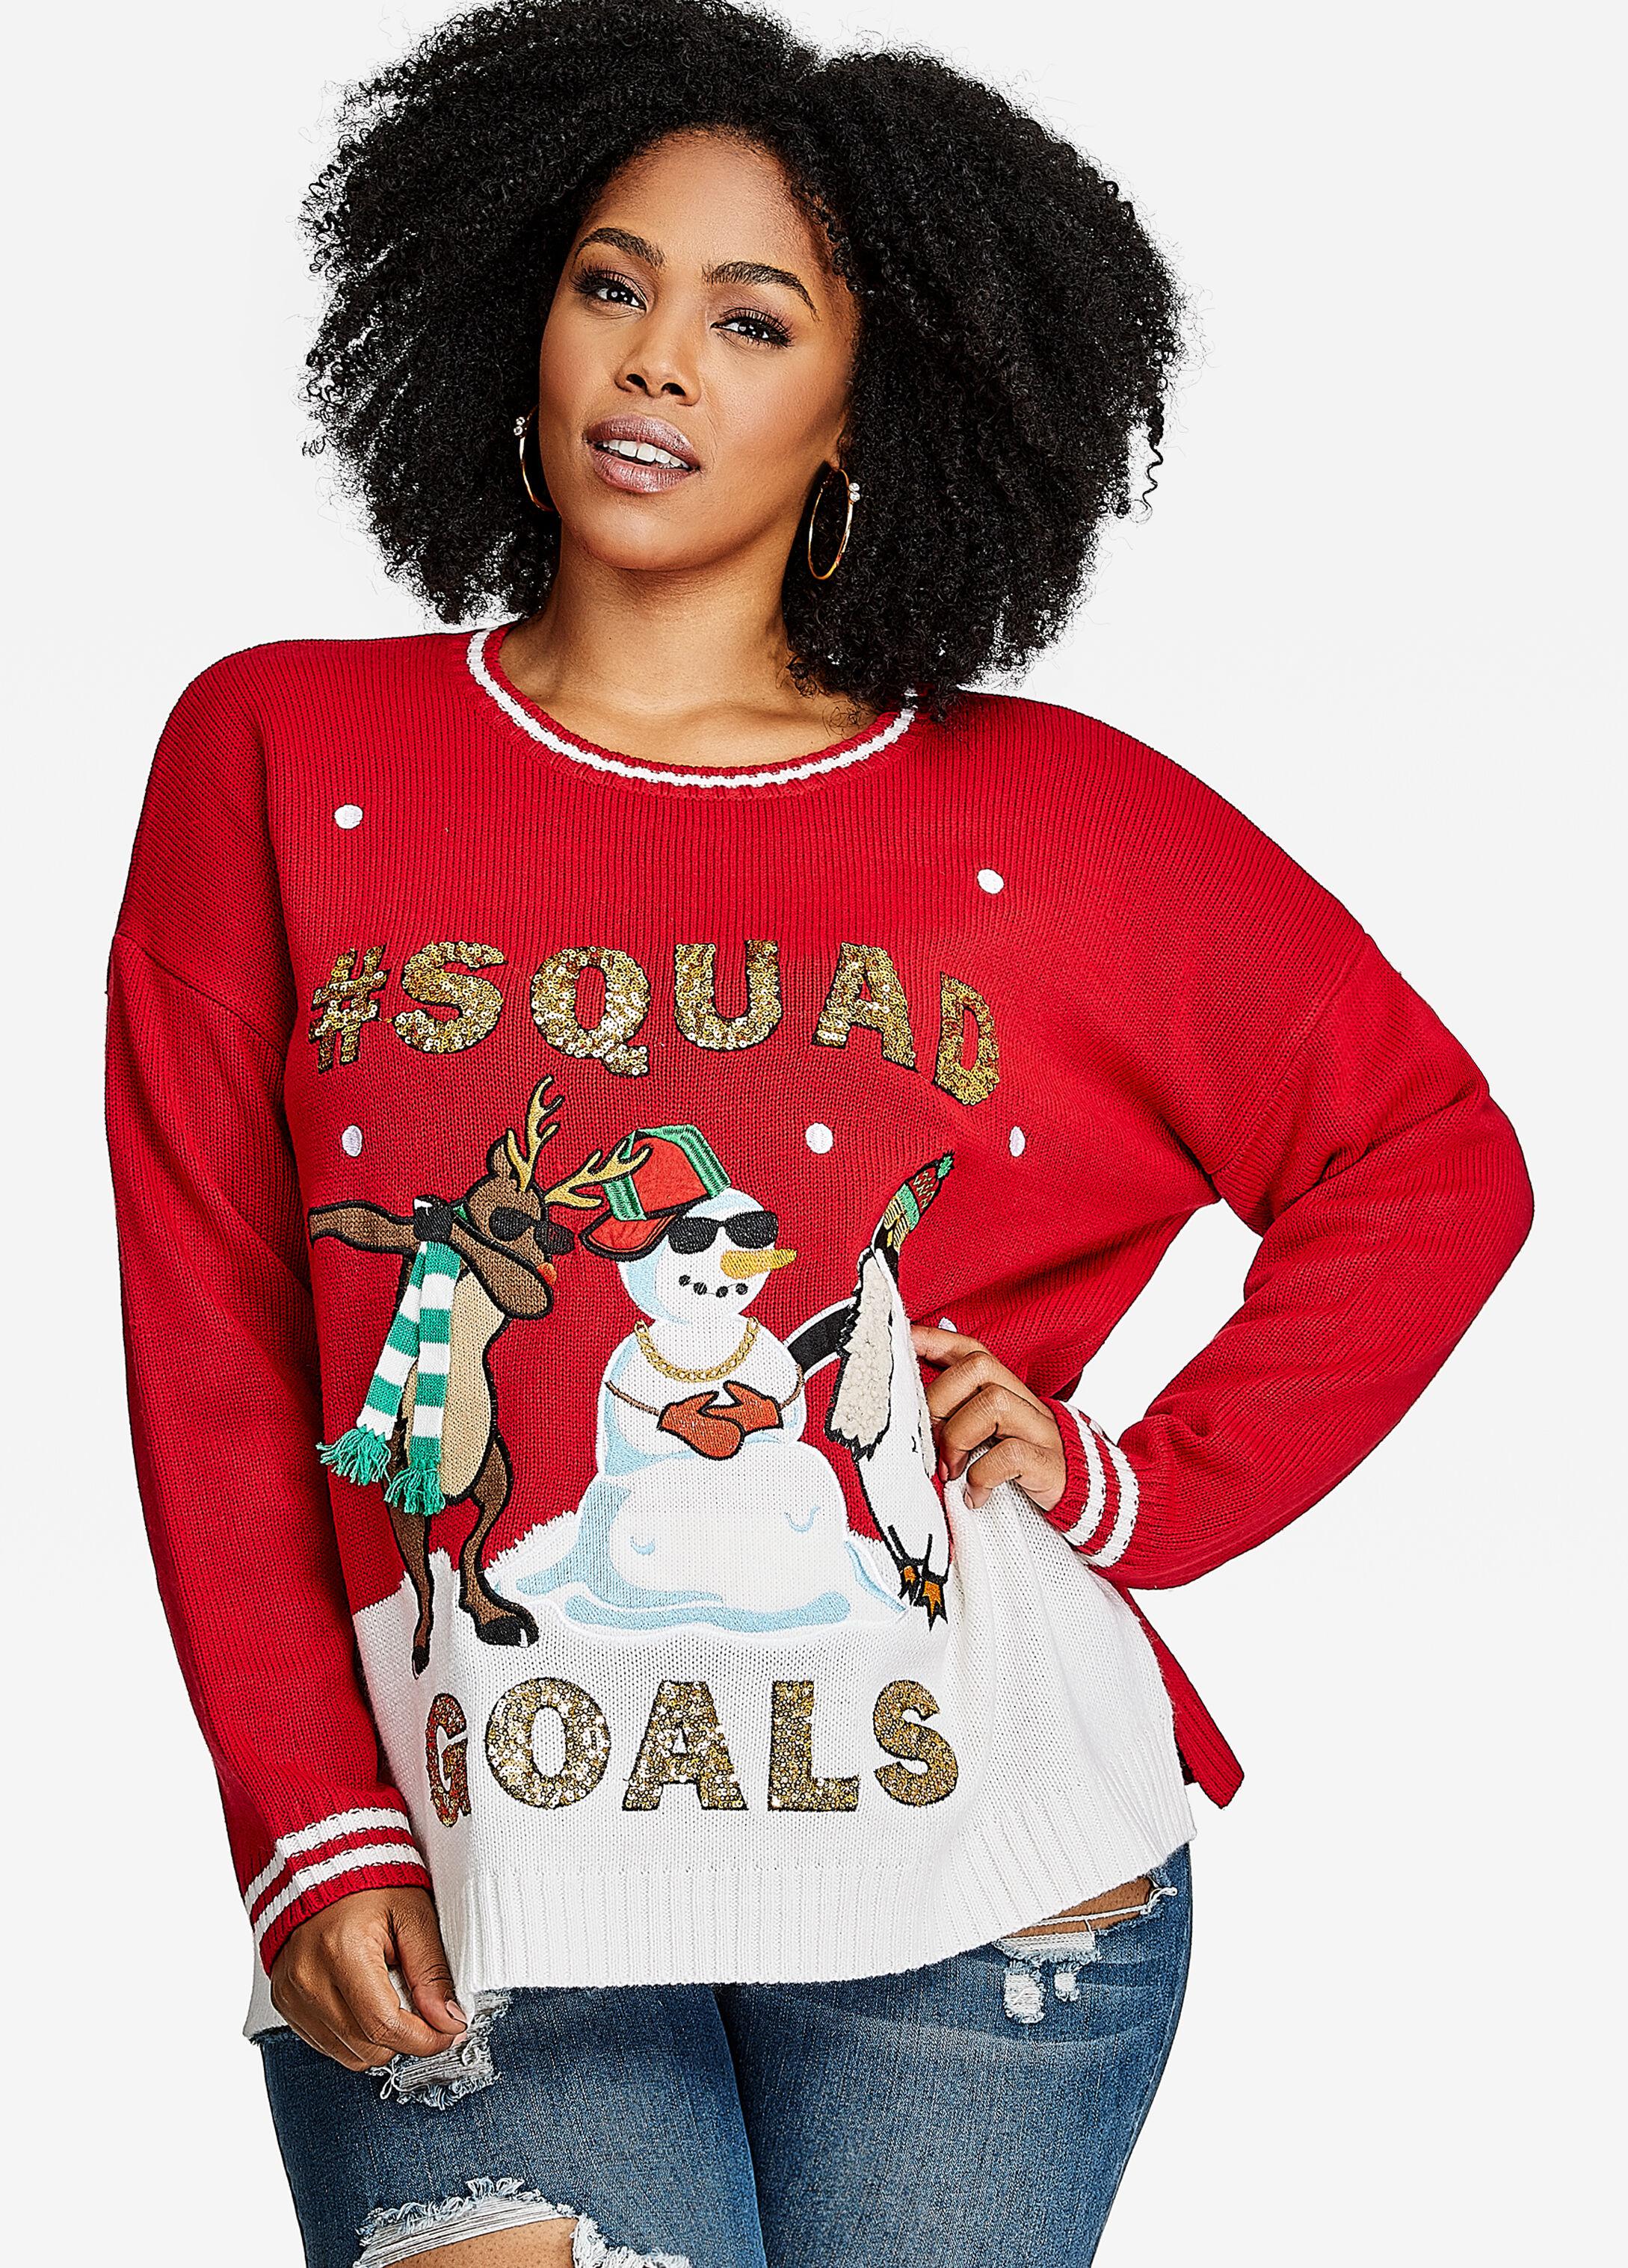 #Squad Goals Sweater